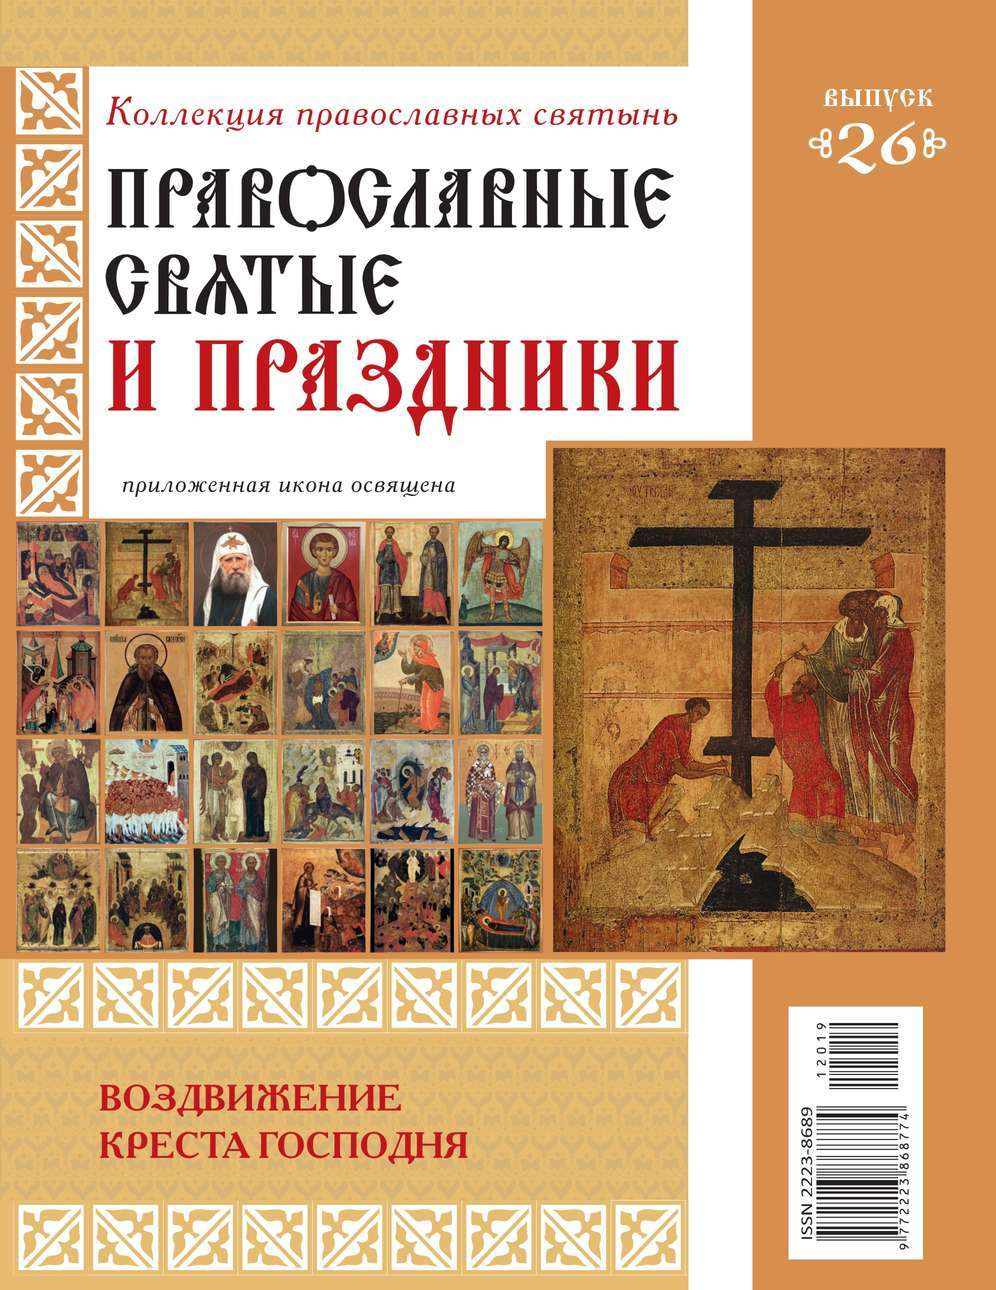 Коллекция Православных Святынь 26